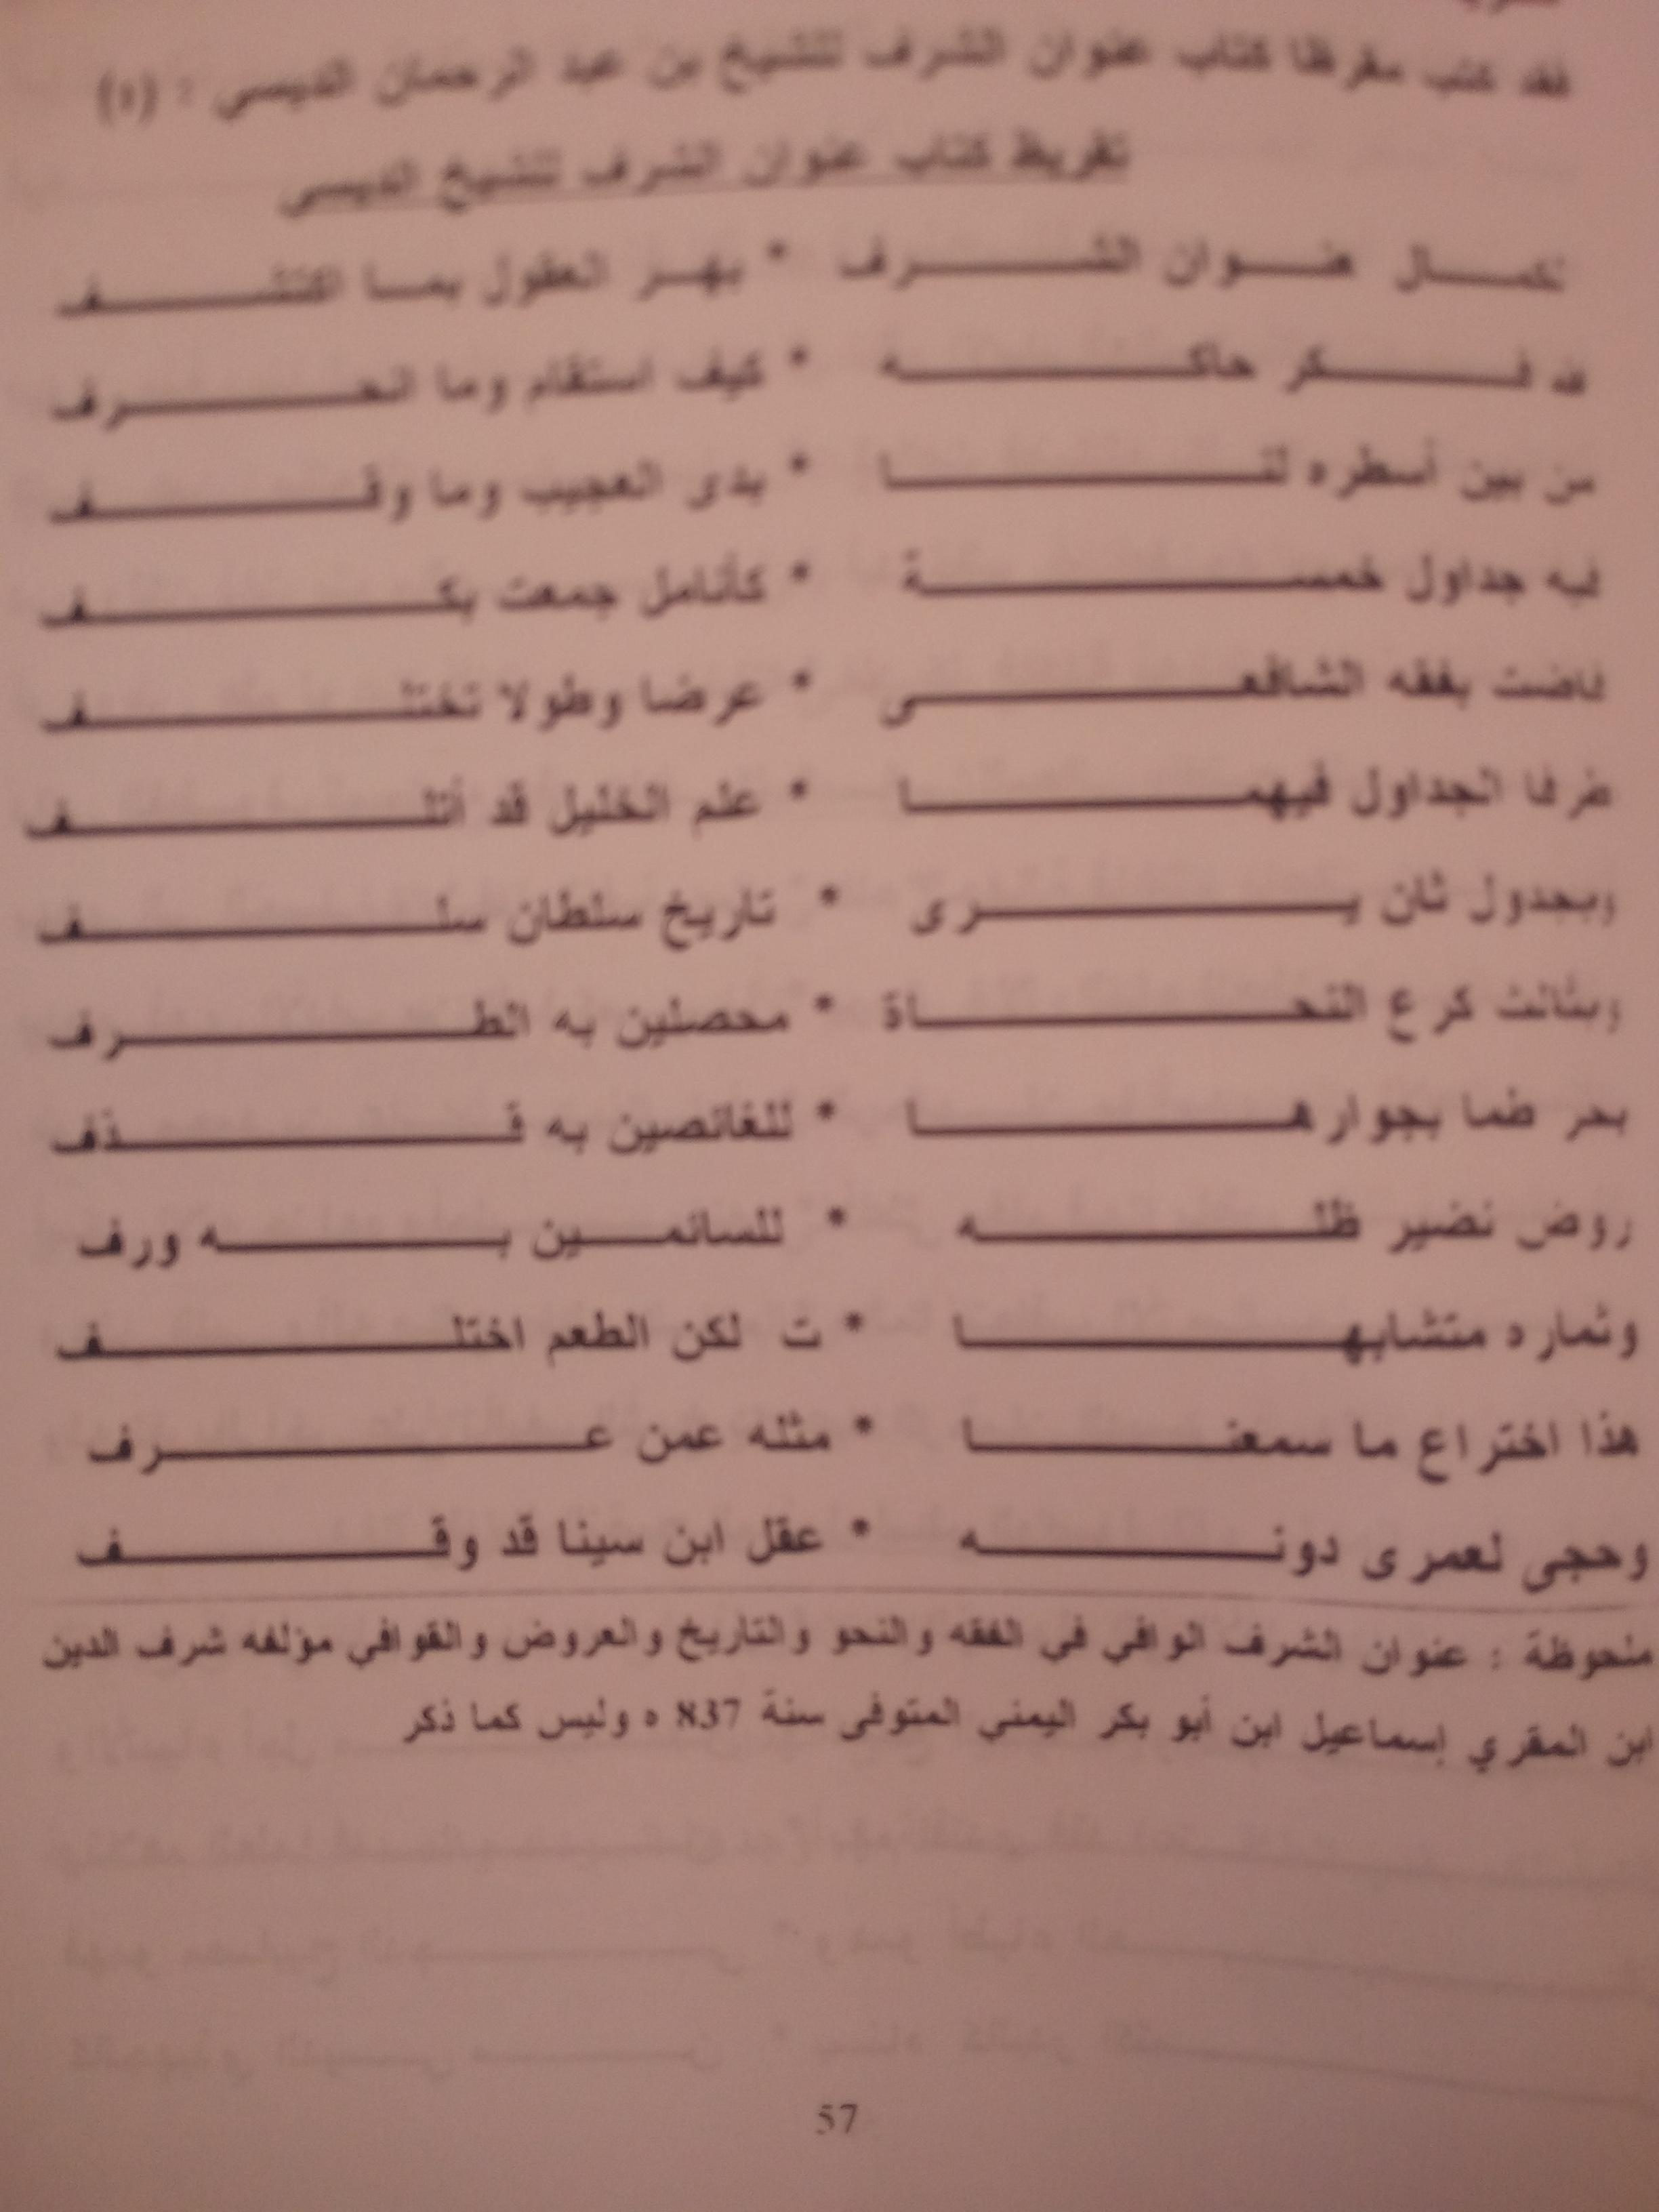 تقريض الشيخ سي عطية لكتاب الإمام عبدالرحمن الديسي